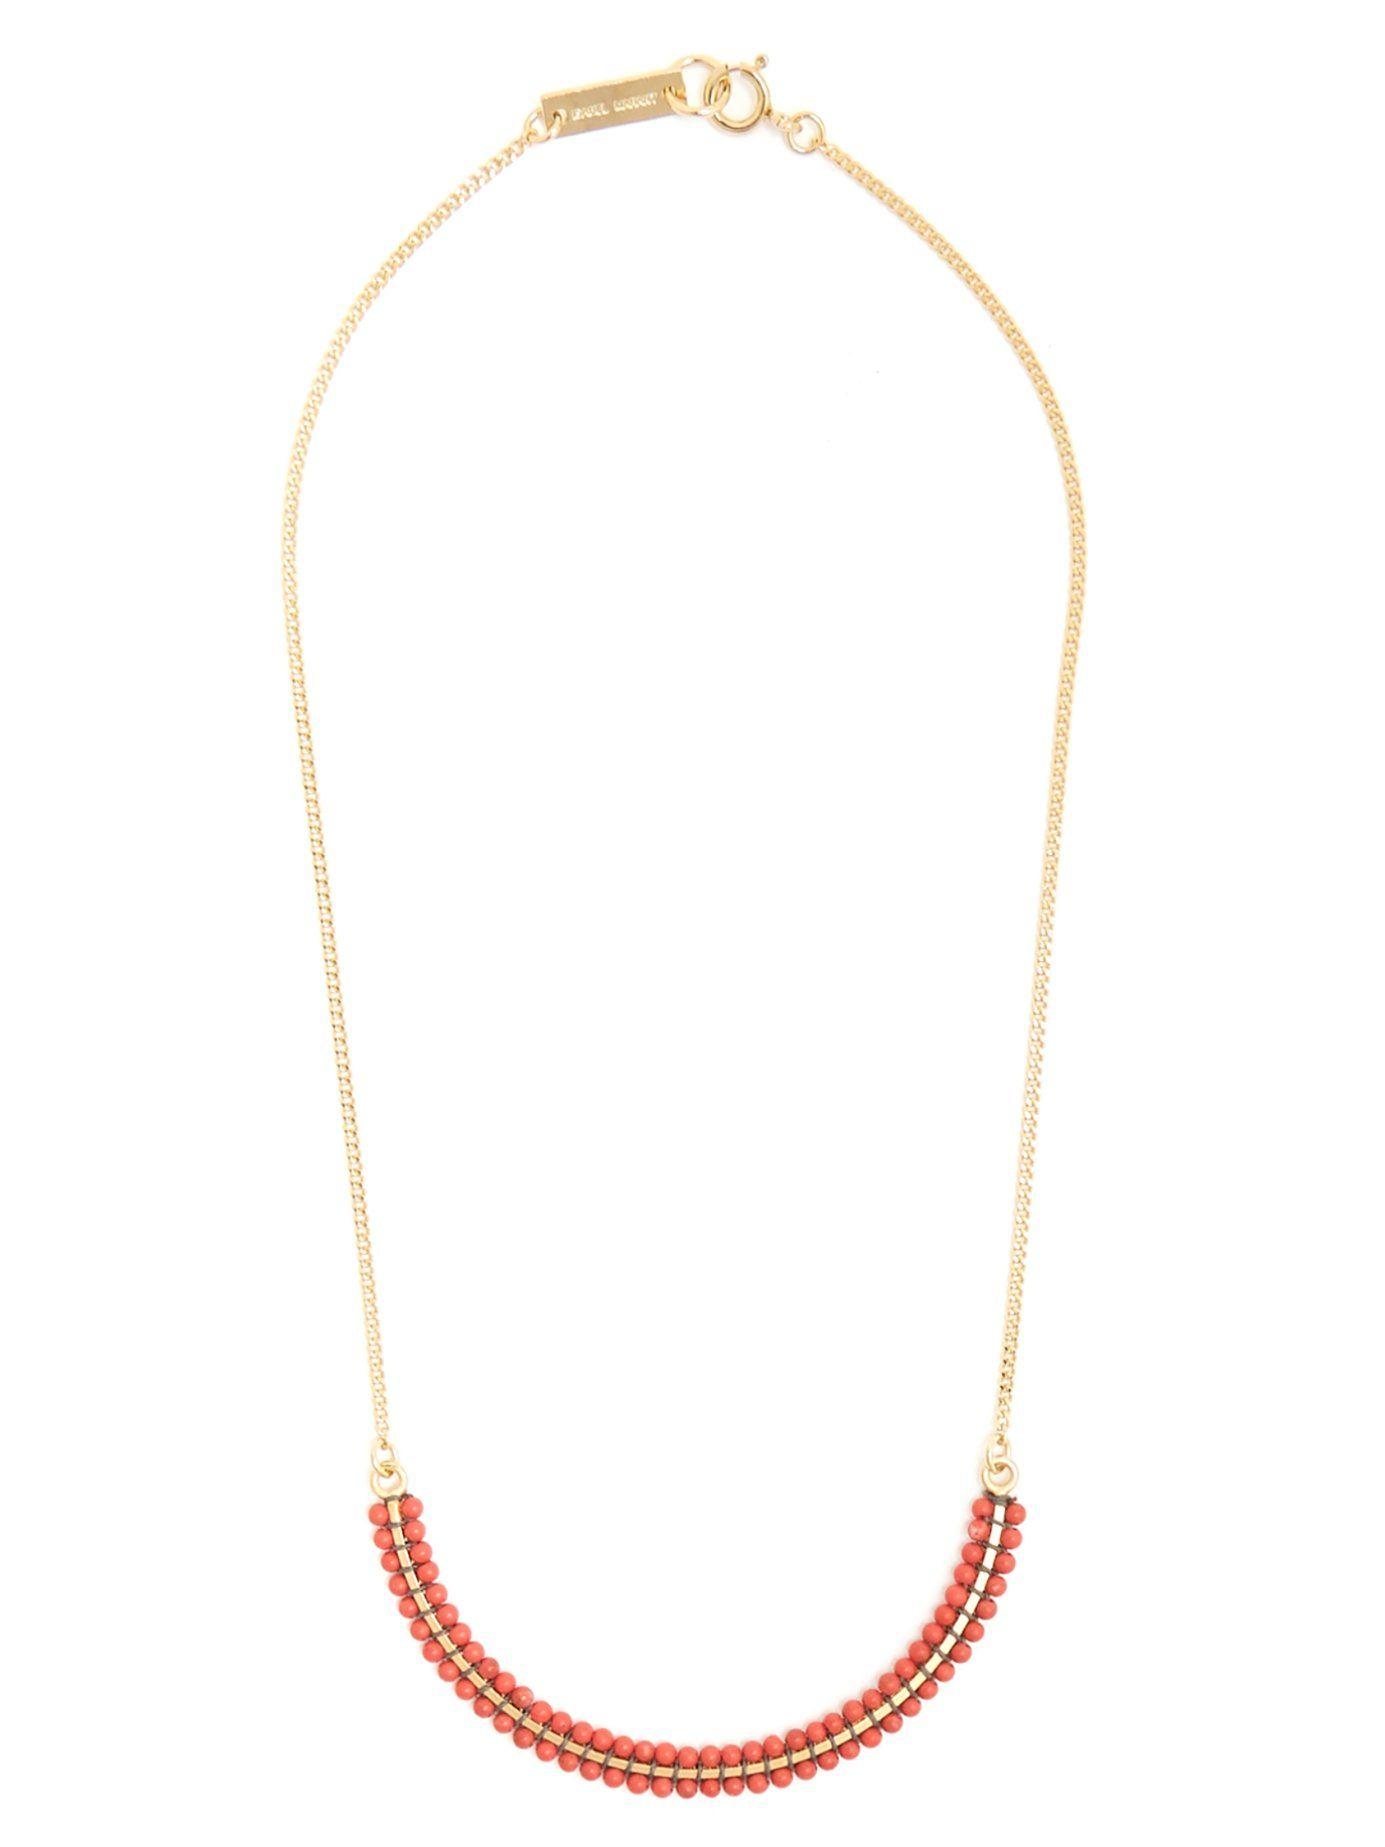 Isabel Marant Perky Ras de Cou beaded necklace 4u5gF9D6